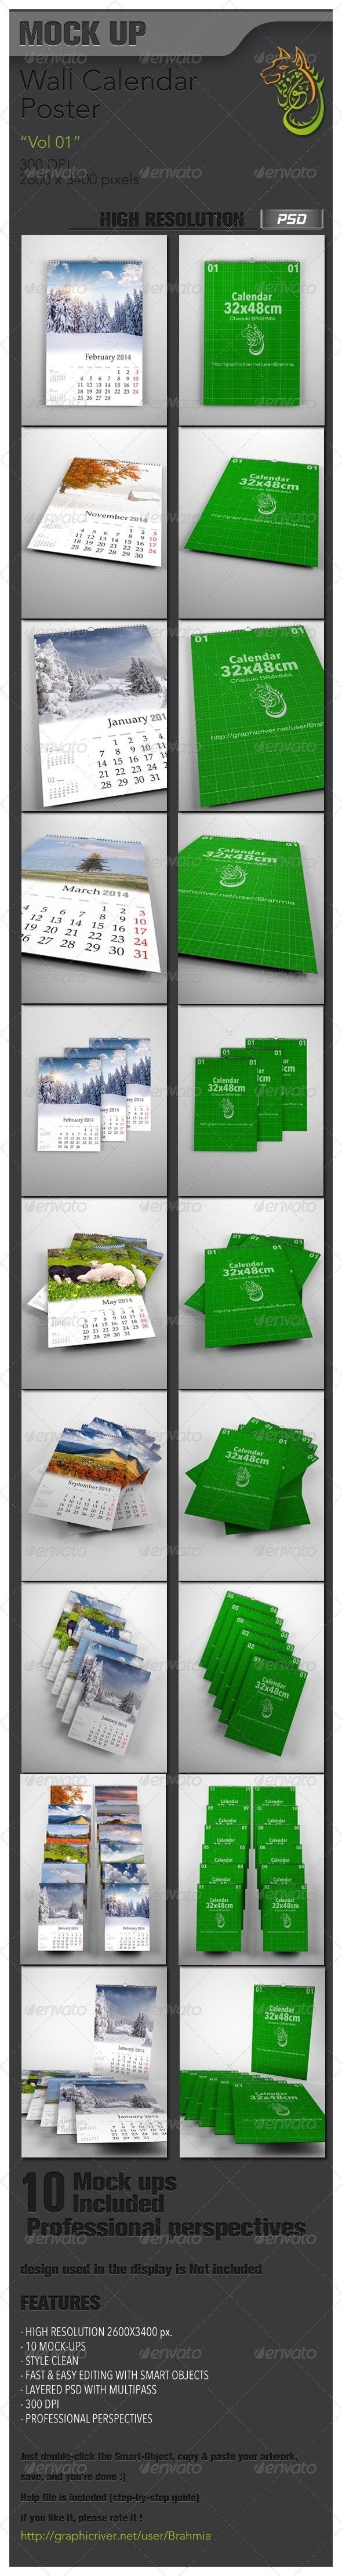 Wall Calendar Mockup Vol 01 - Miscellaneous Print